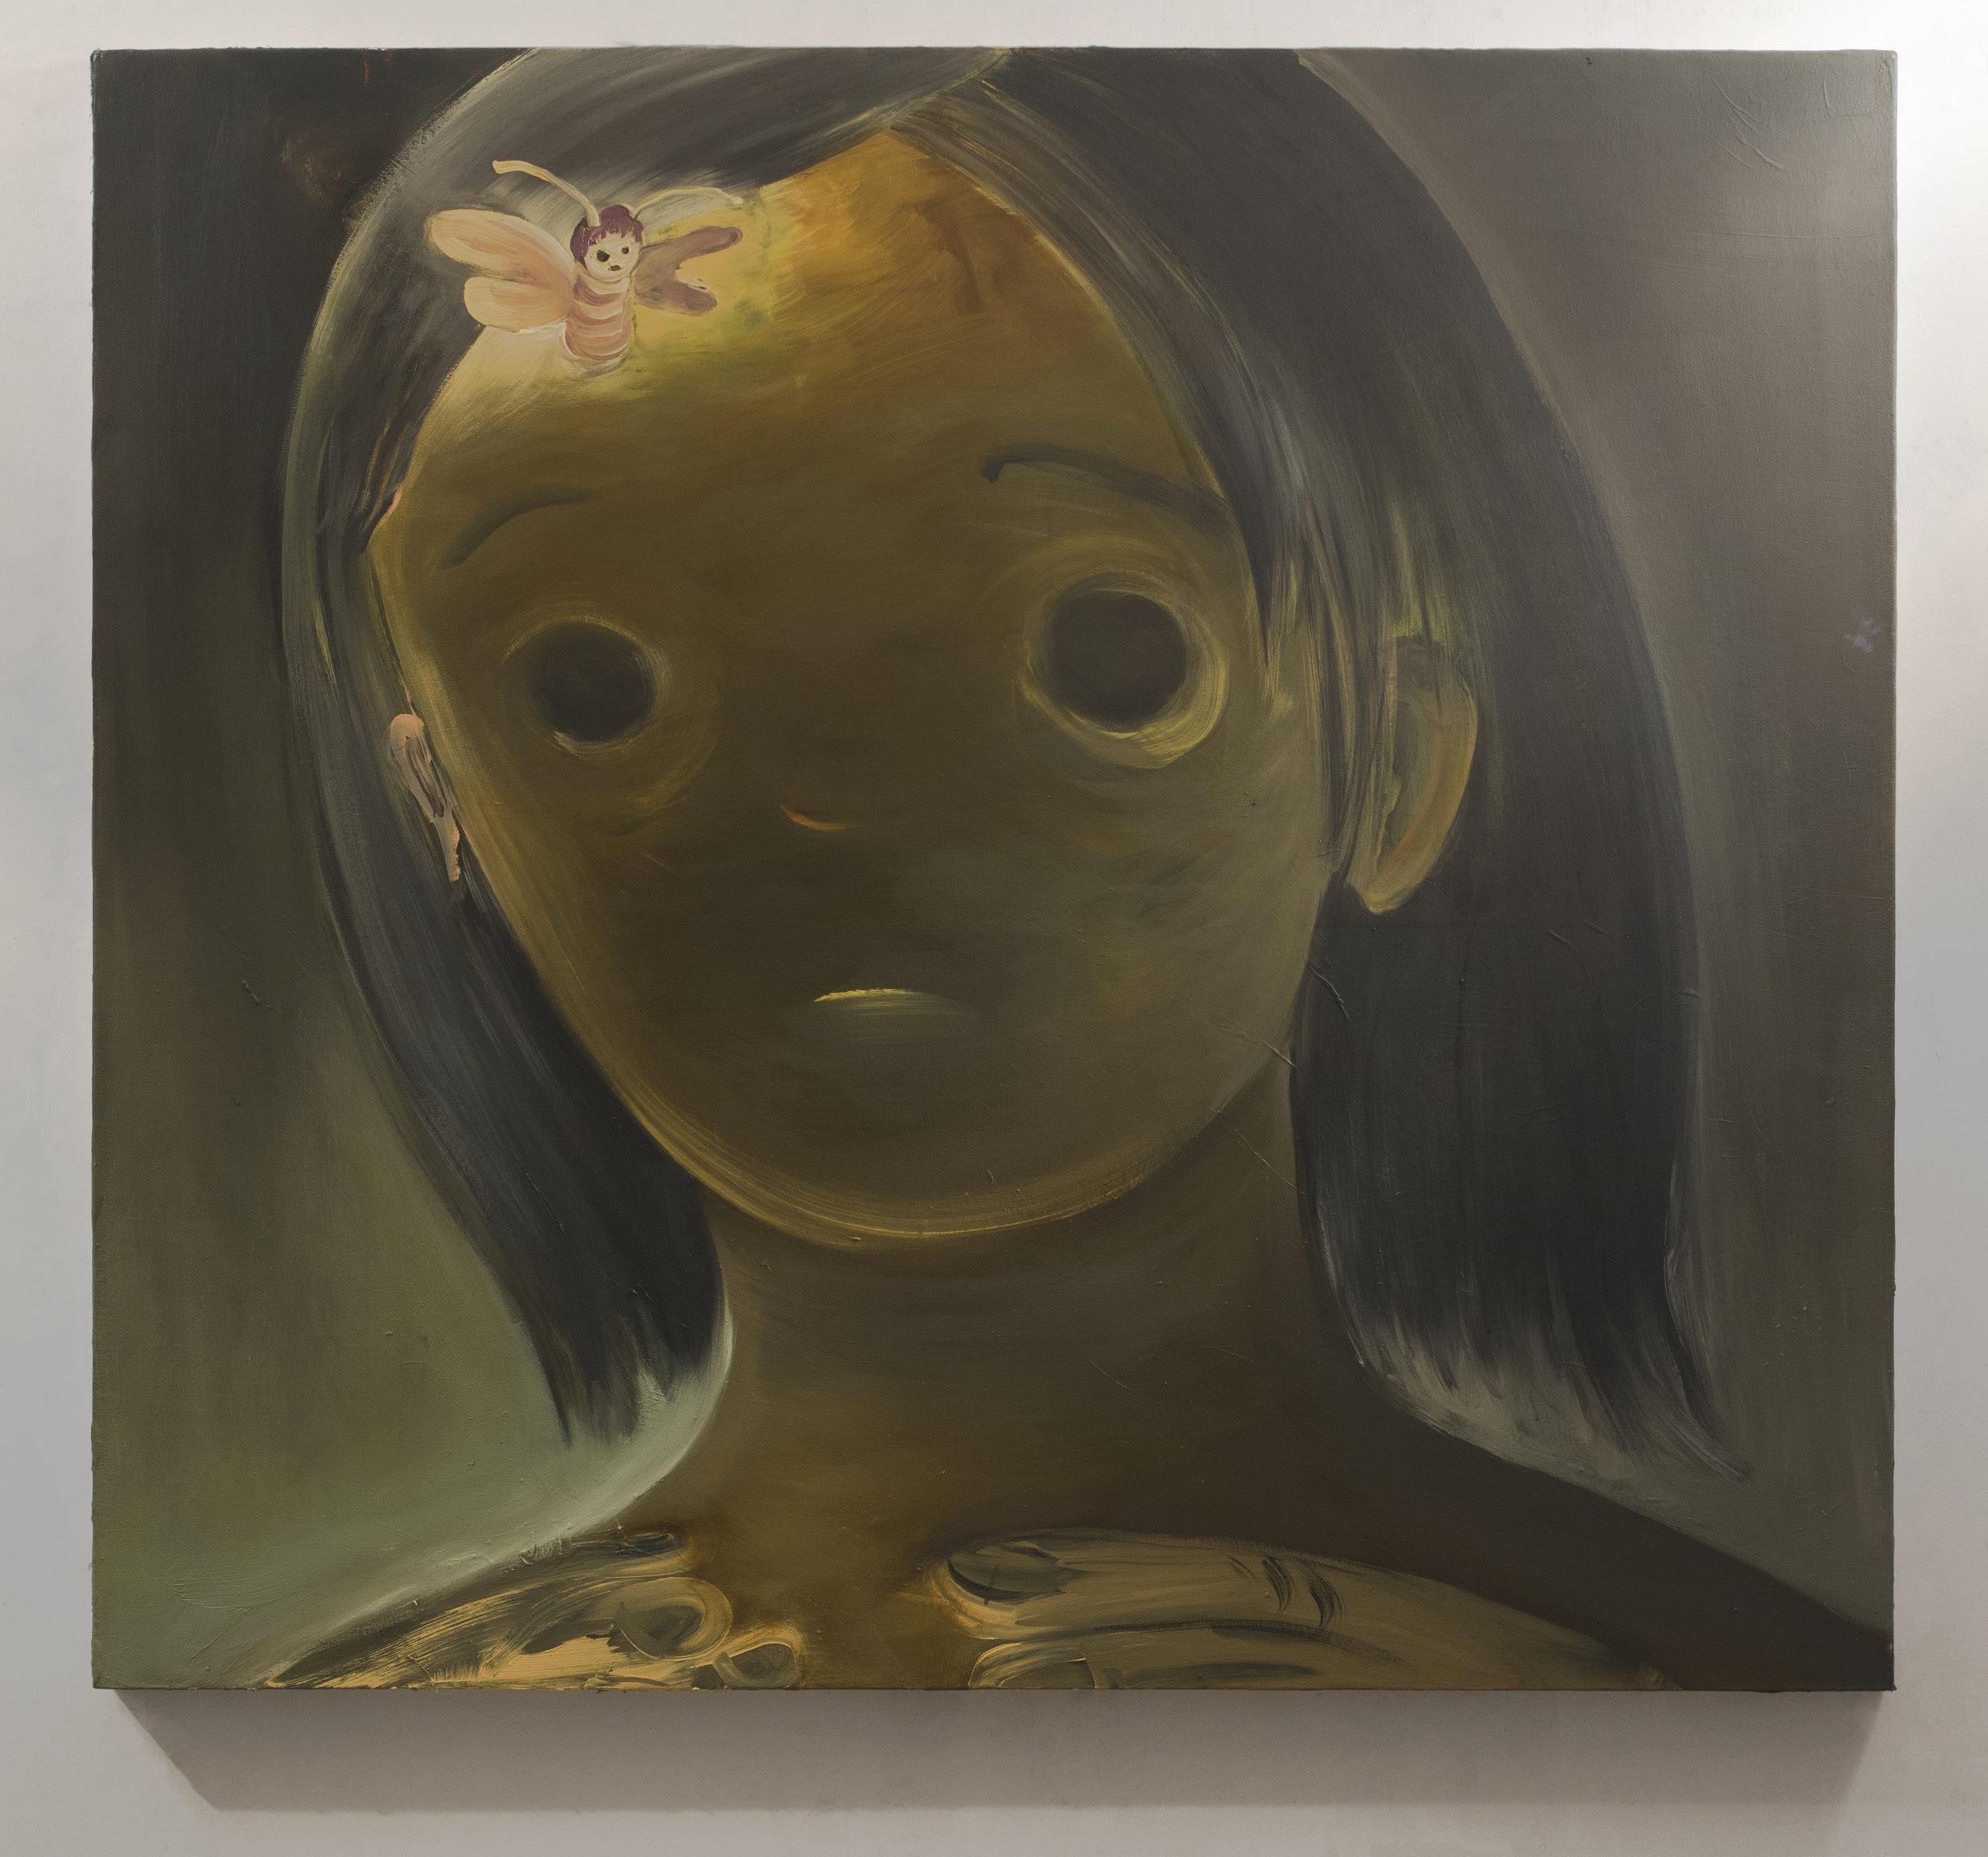 """Tsailing Tseng /  Queen of the bees  / 2019 / oil on canvas/ 50 x 55"""" /  tsailingtseng.com"""